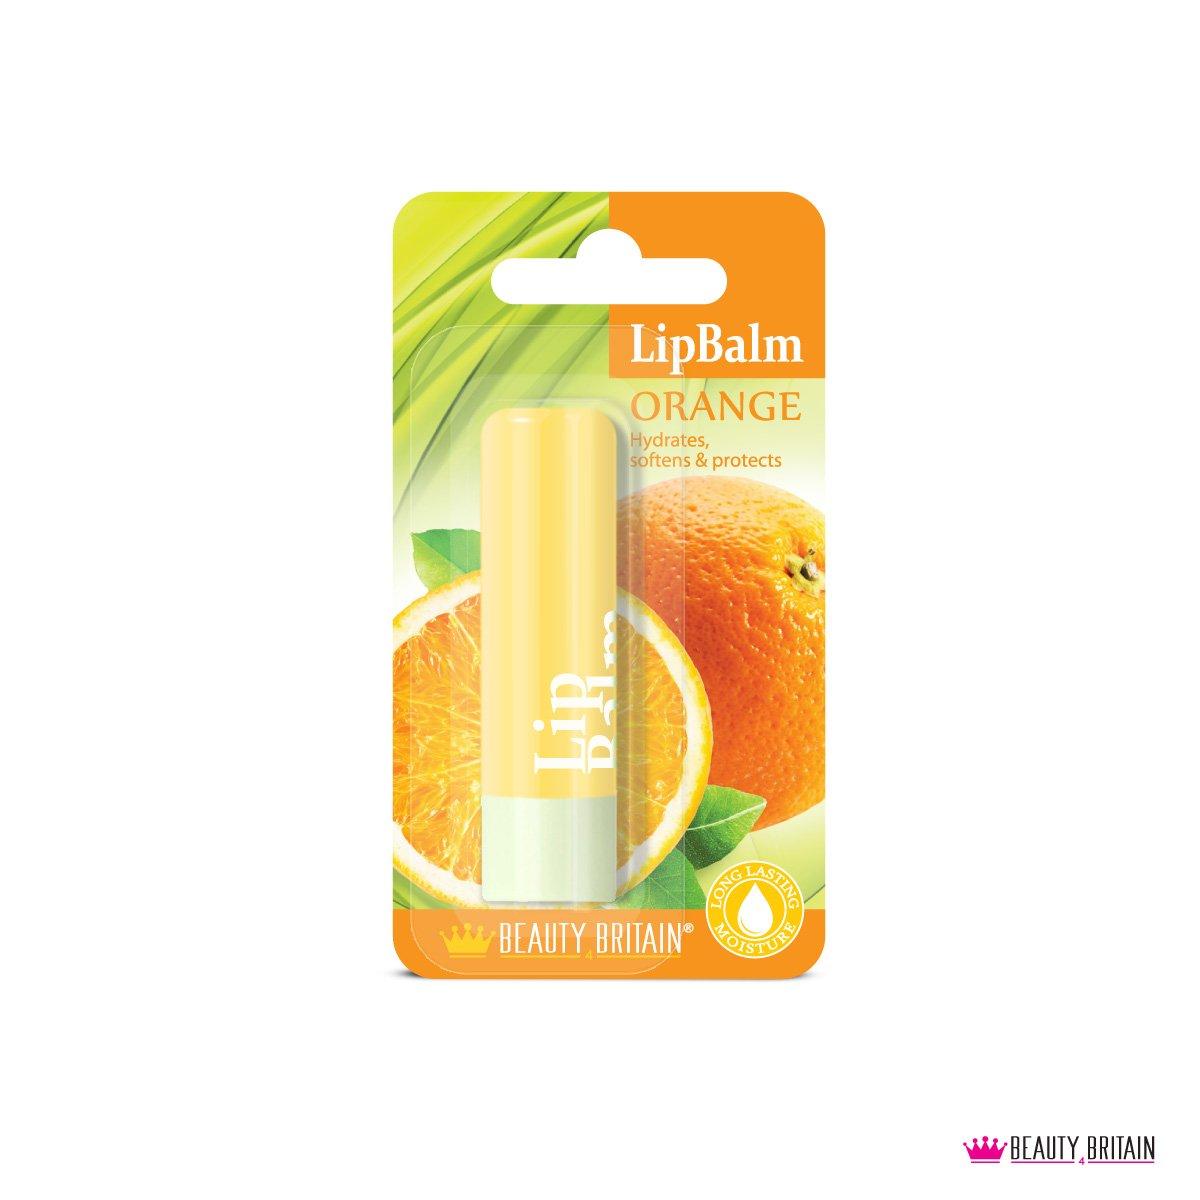 Ensemble De 12 Baumes À Lèvres De Luxe 12 Saveurs Différentes Fruité Parfumé Réparation Unisexe Protect + 1 Sac Cosmétique: Amazon.es: Belleza